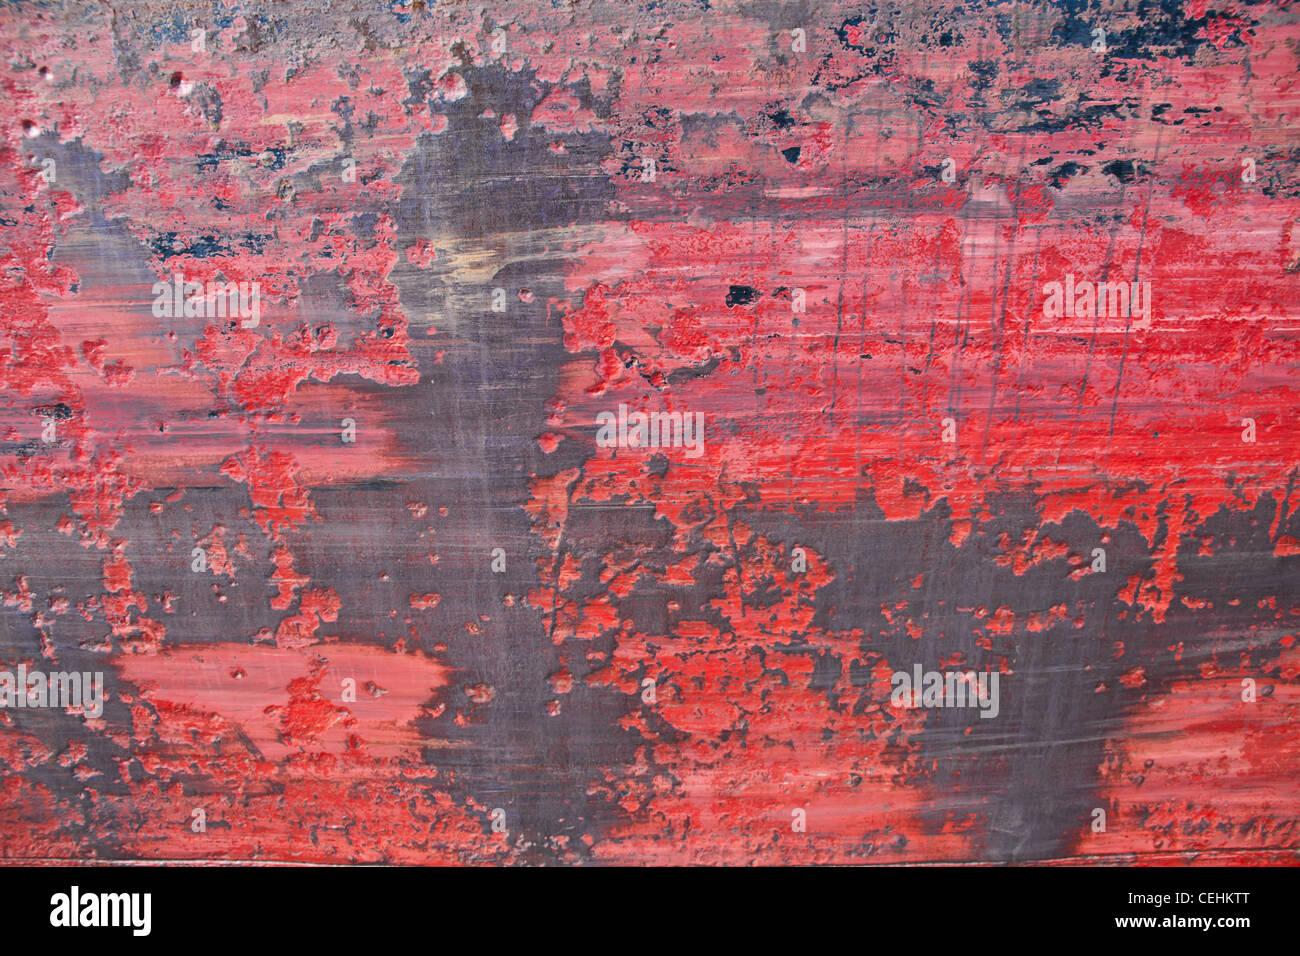 Ship Metal Texture Stockfotos & Ship Metal Texture Bilder - Alamy